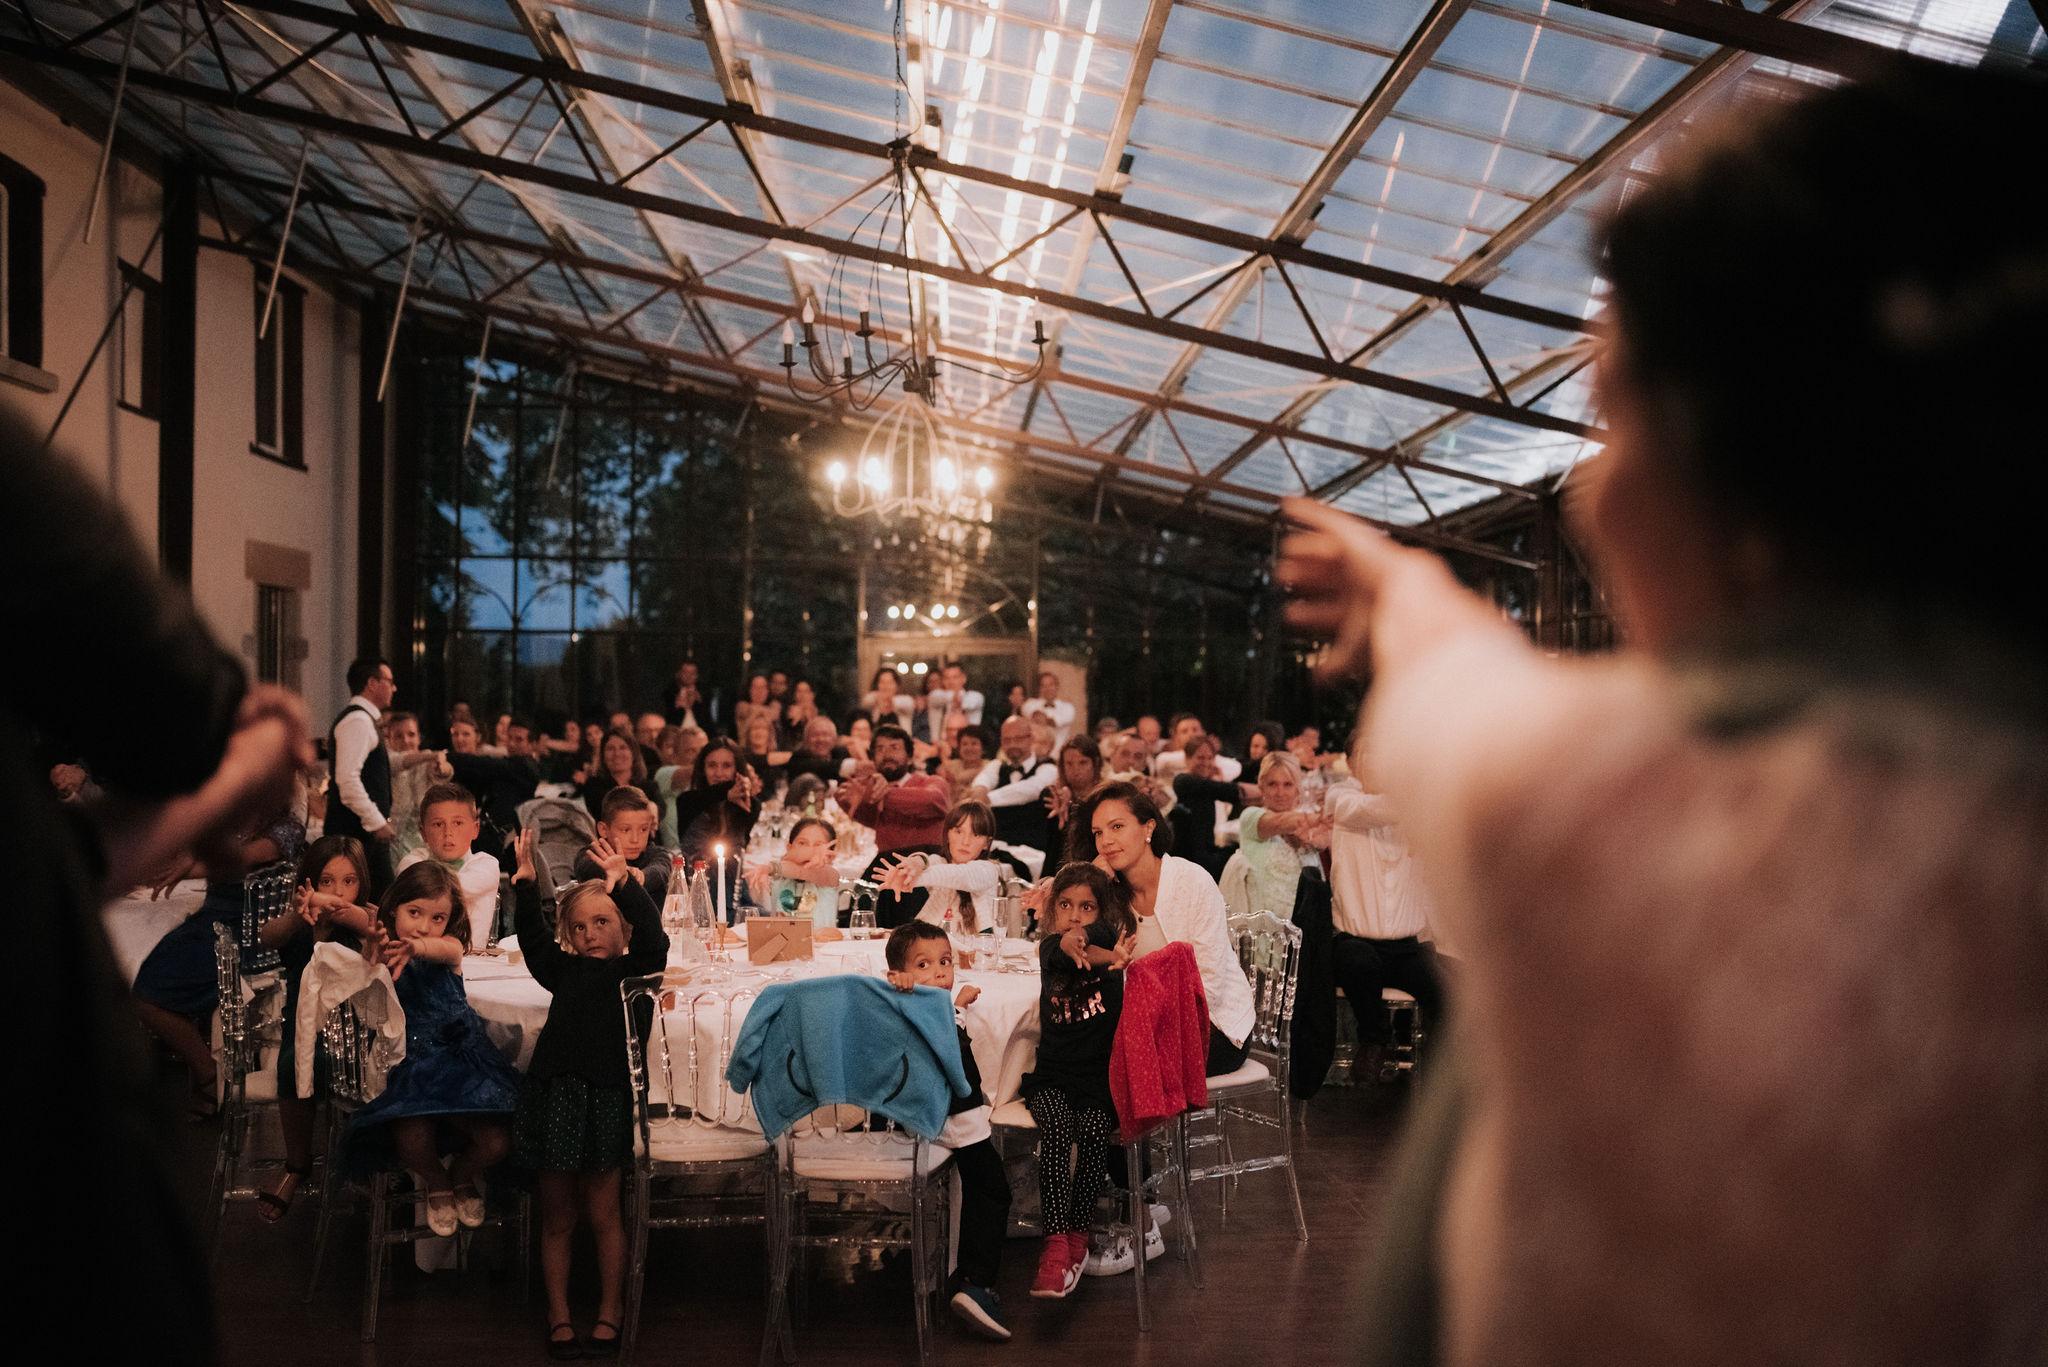 Léa-Fery-photographe-professionnel-lyon-rhone-alpes-portrait-creation-mariage-evenement-evenementiel-famille--211.jpg